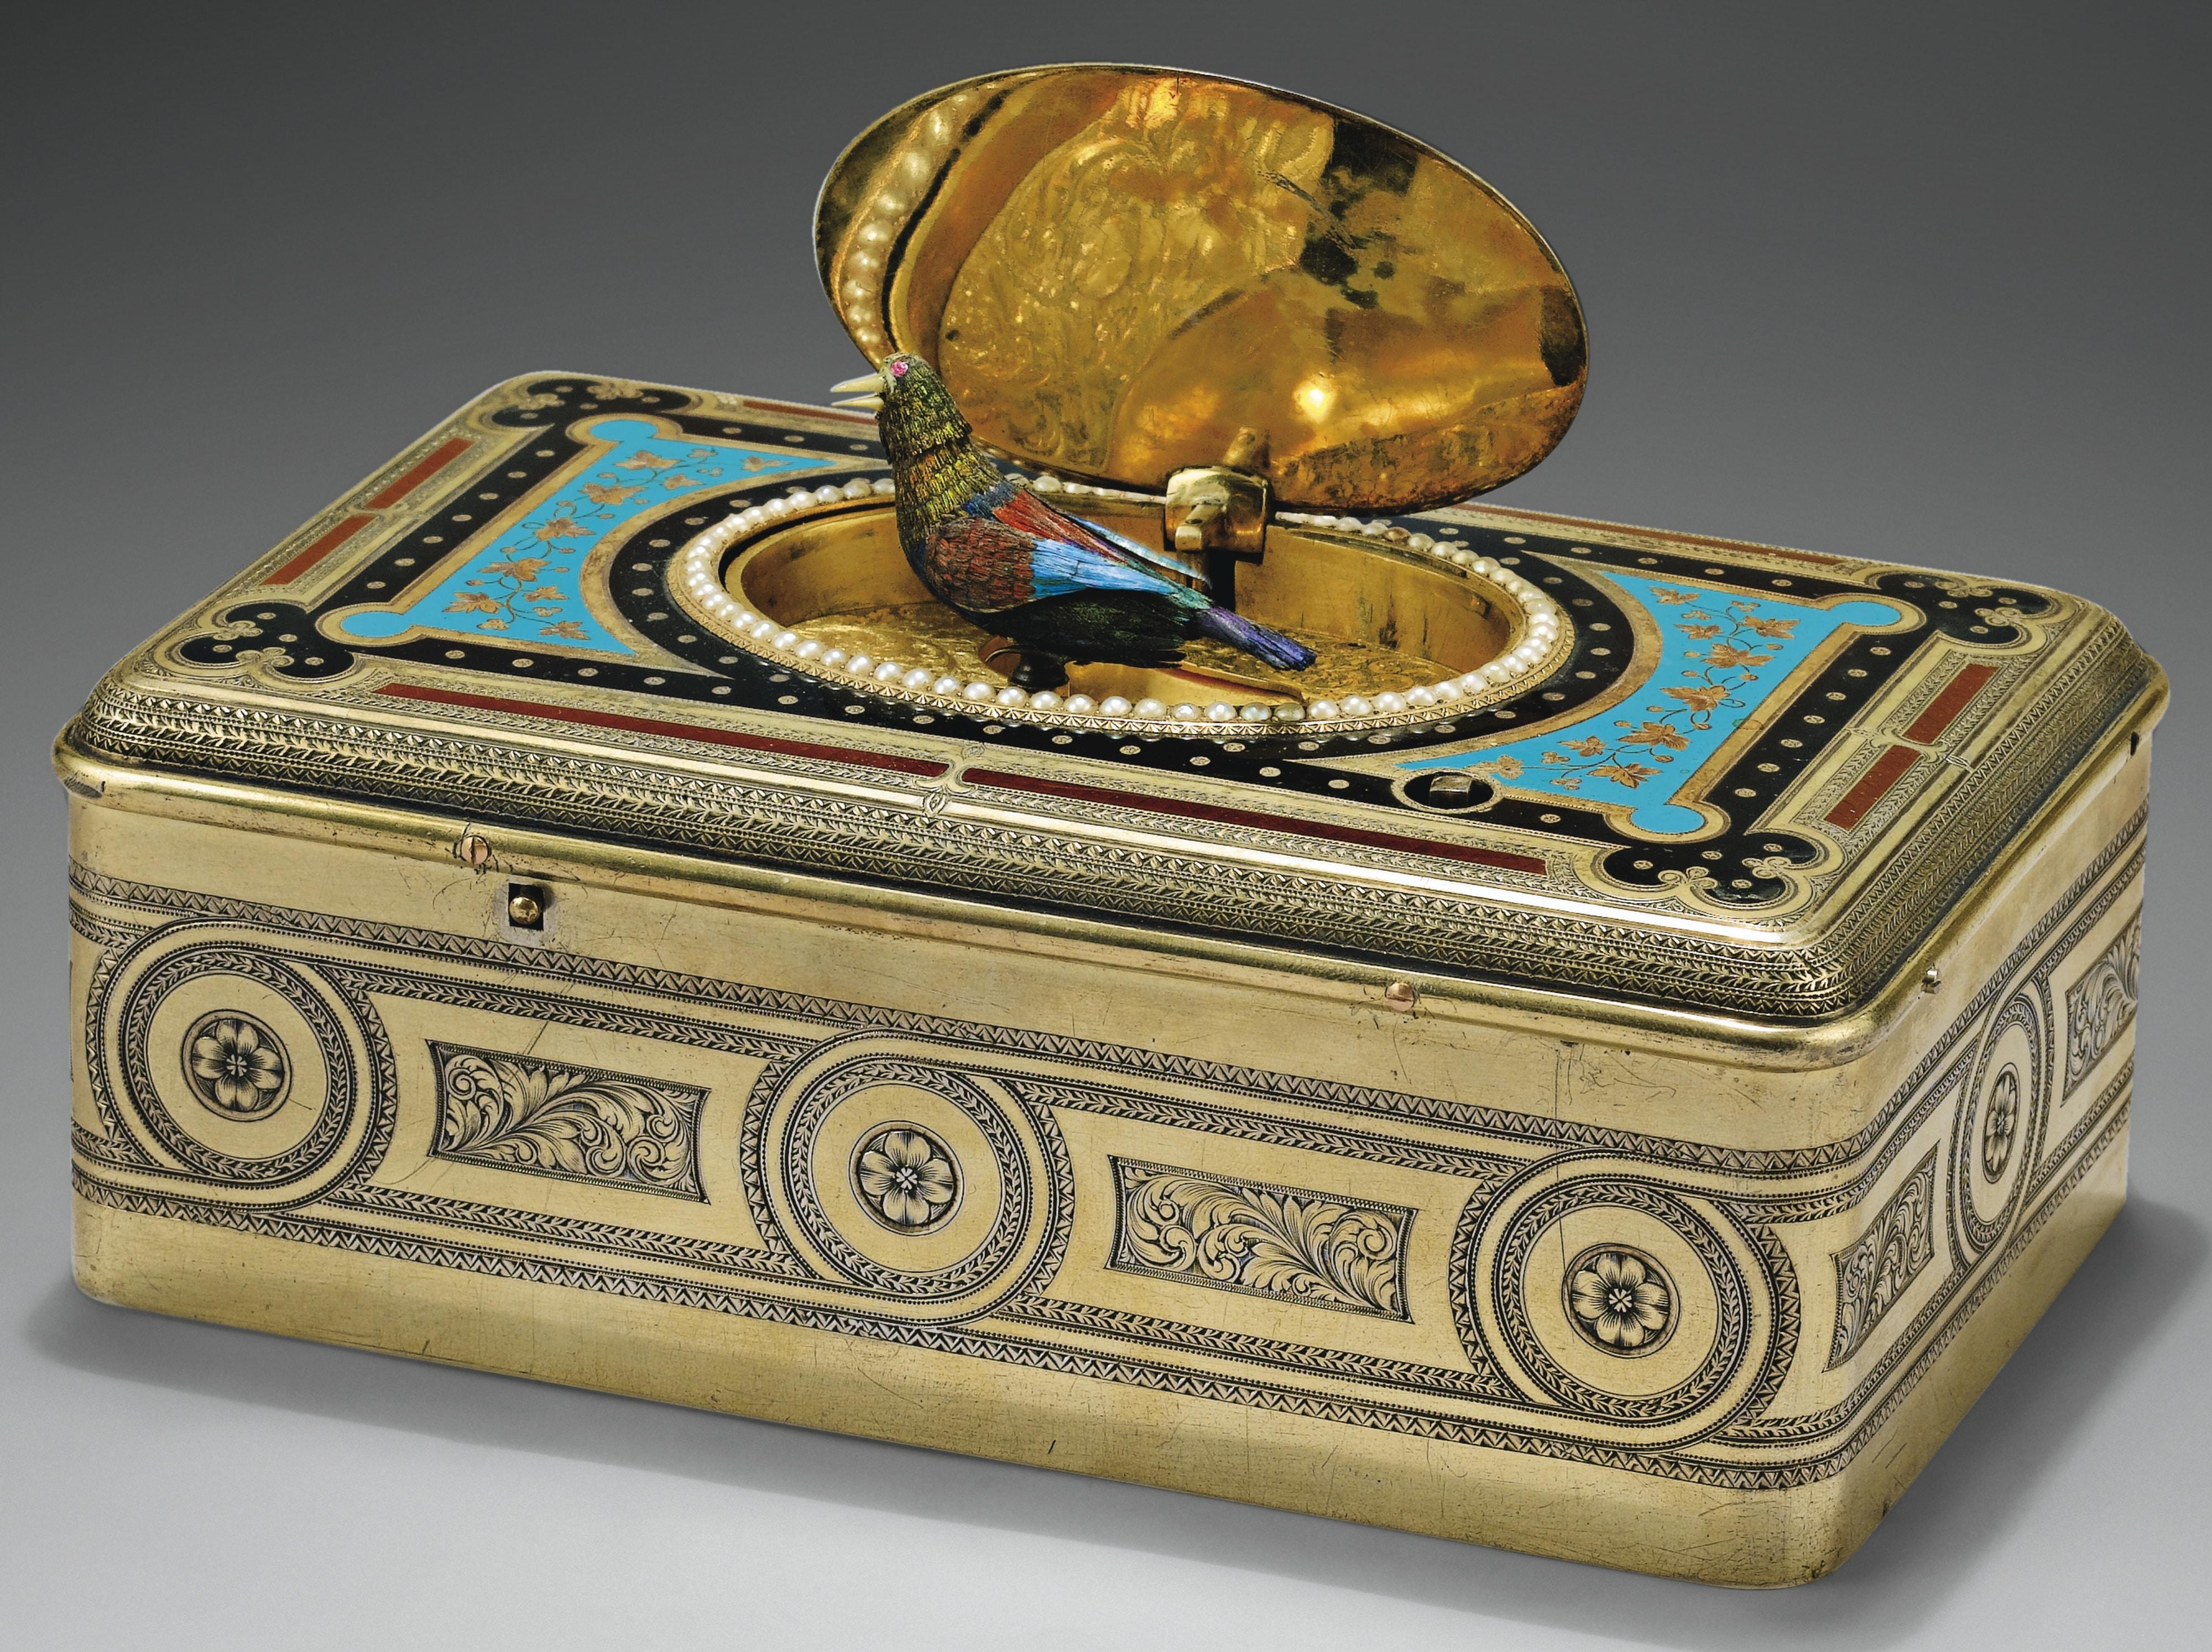 automate-oiseau-chanteur-siffleur-sothebys-histoire-automate